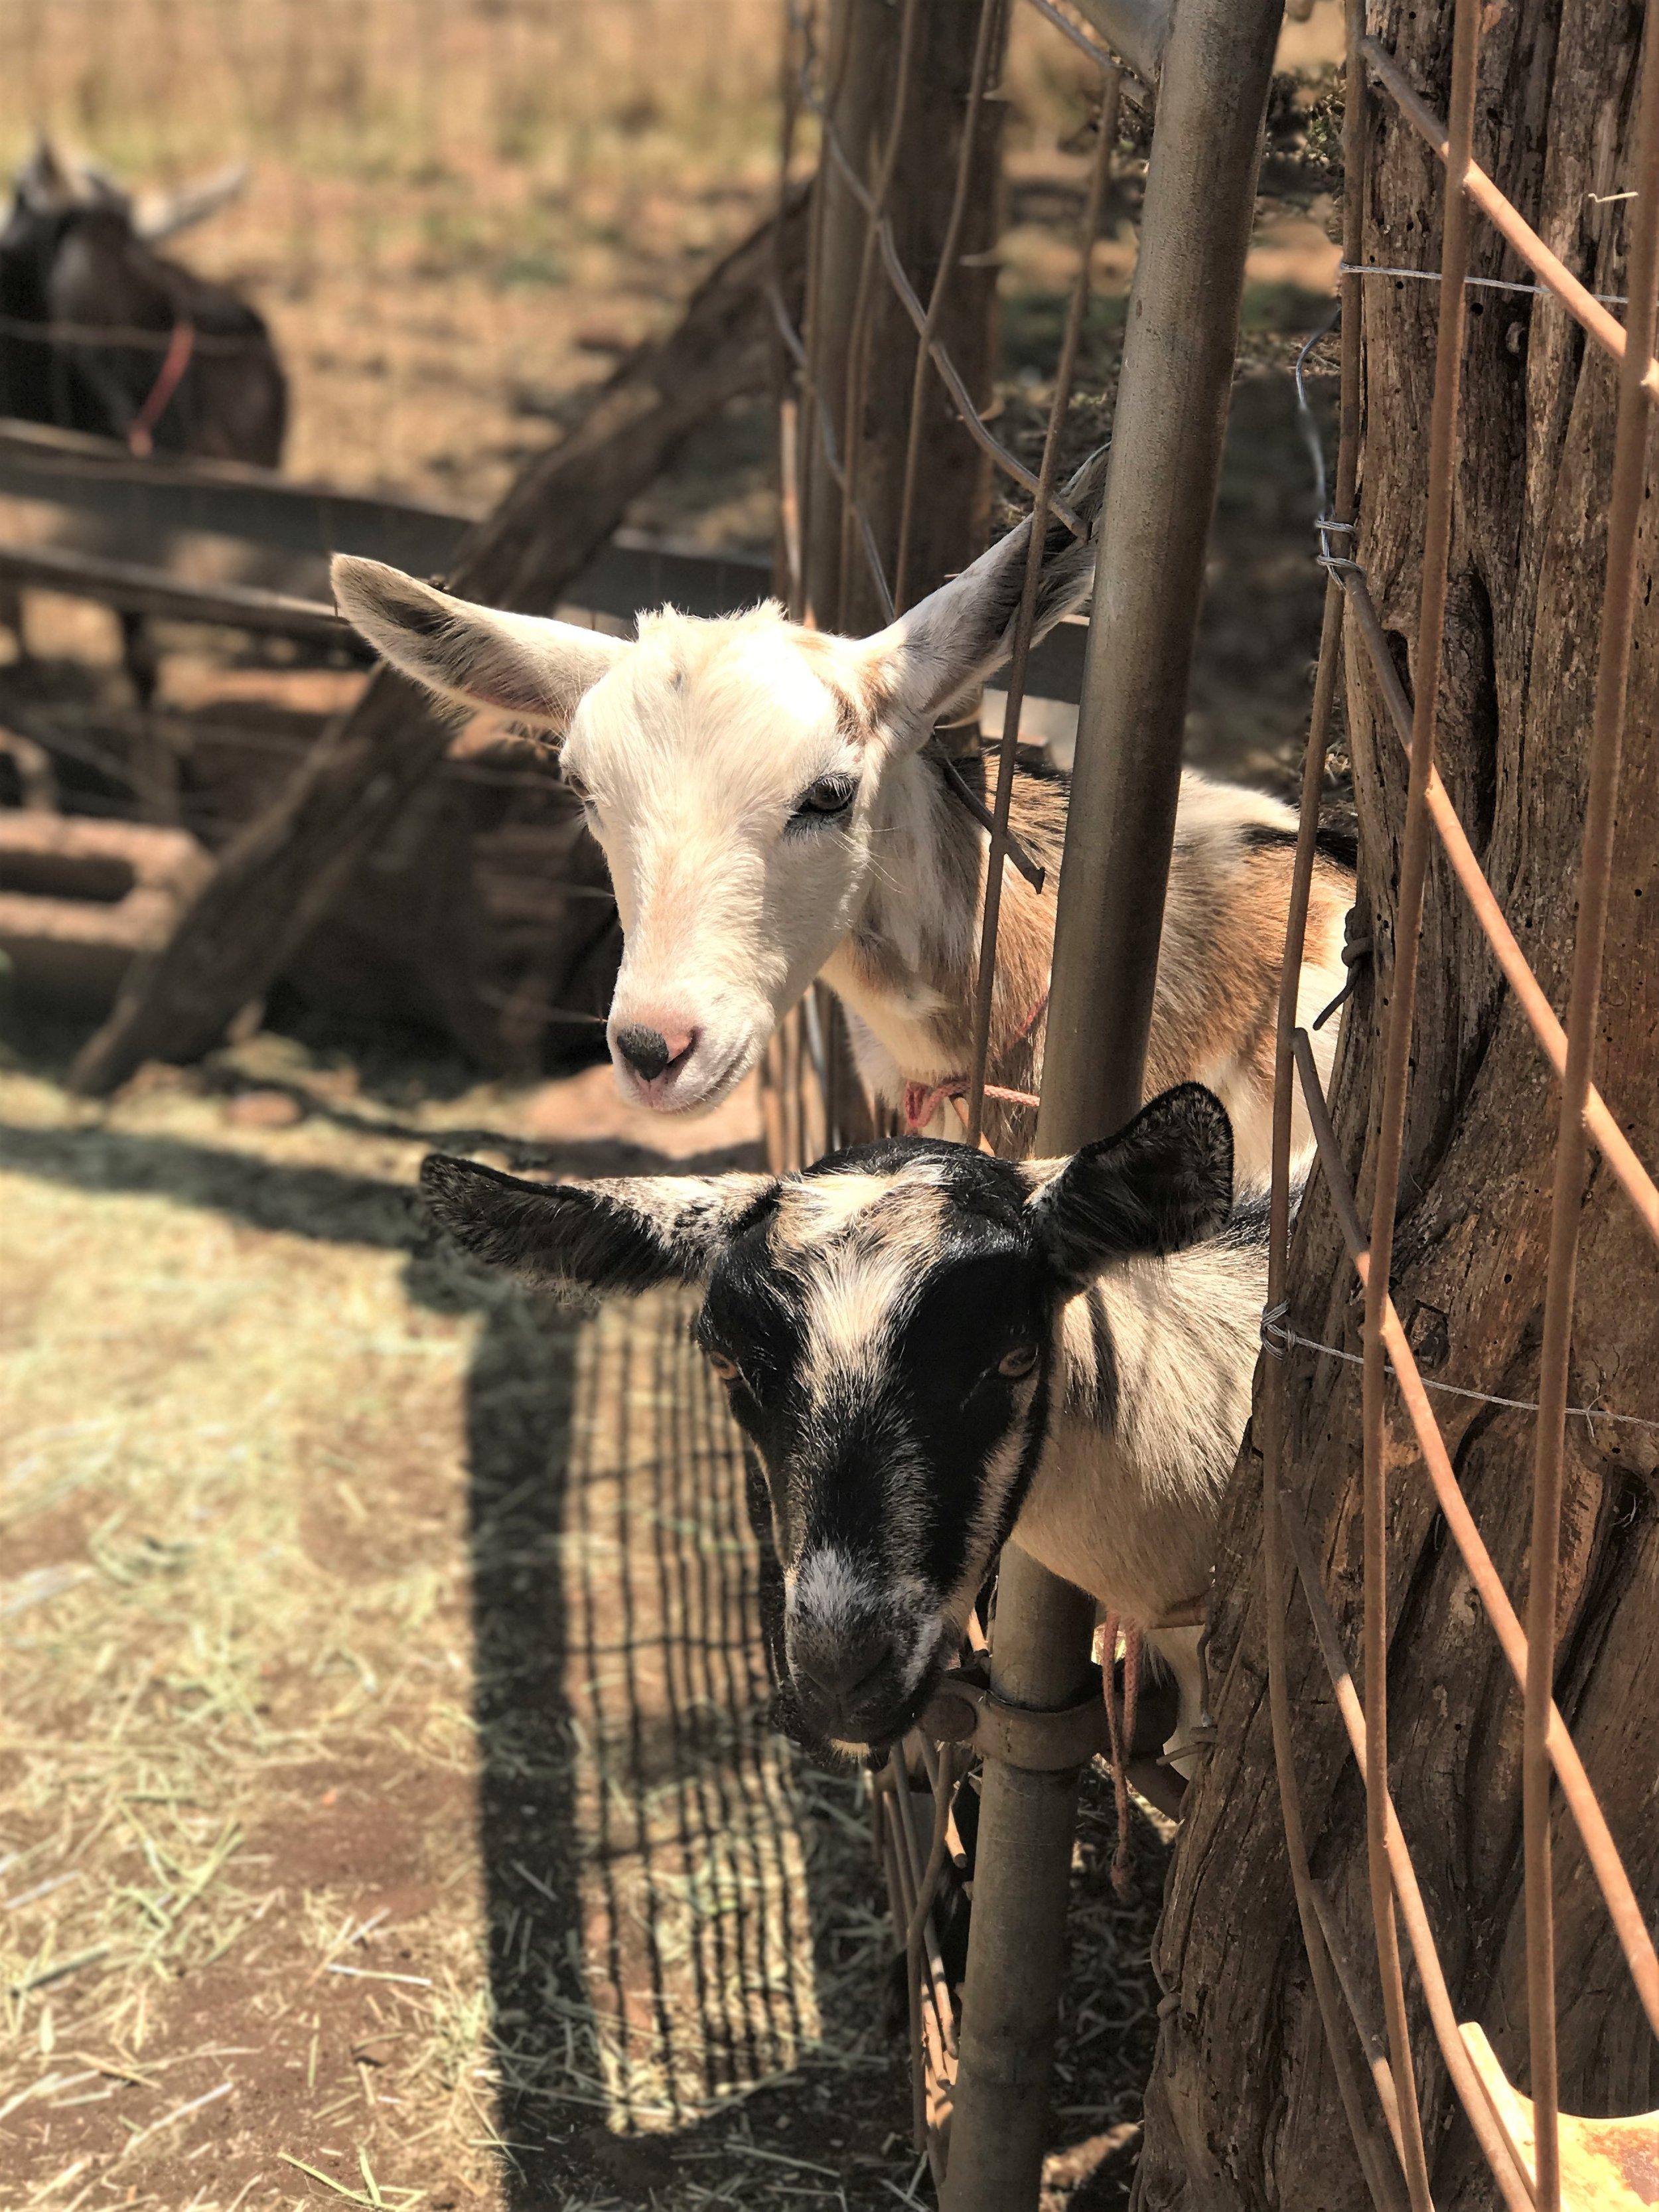 Surfing Goat Dairy Maui / warporweft.com